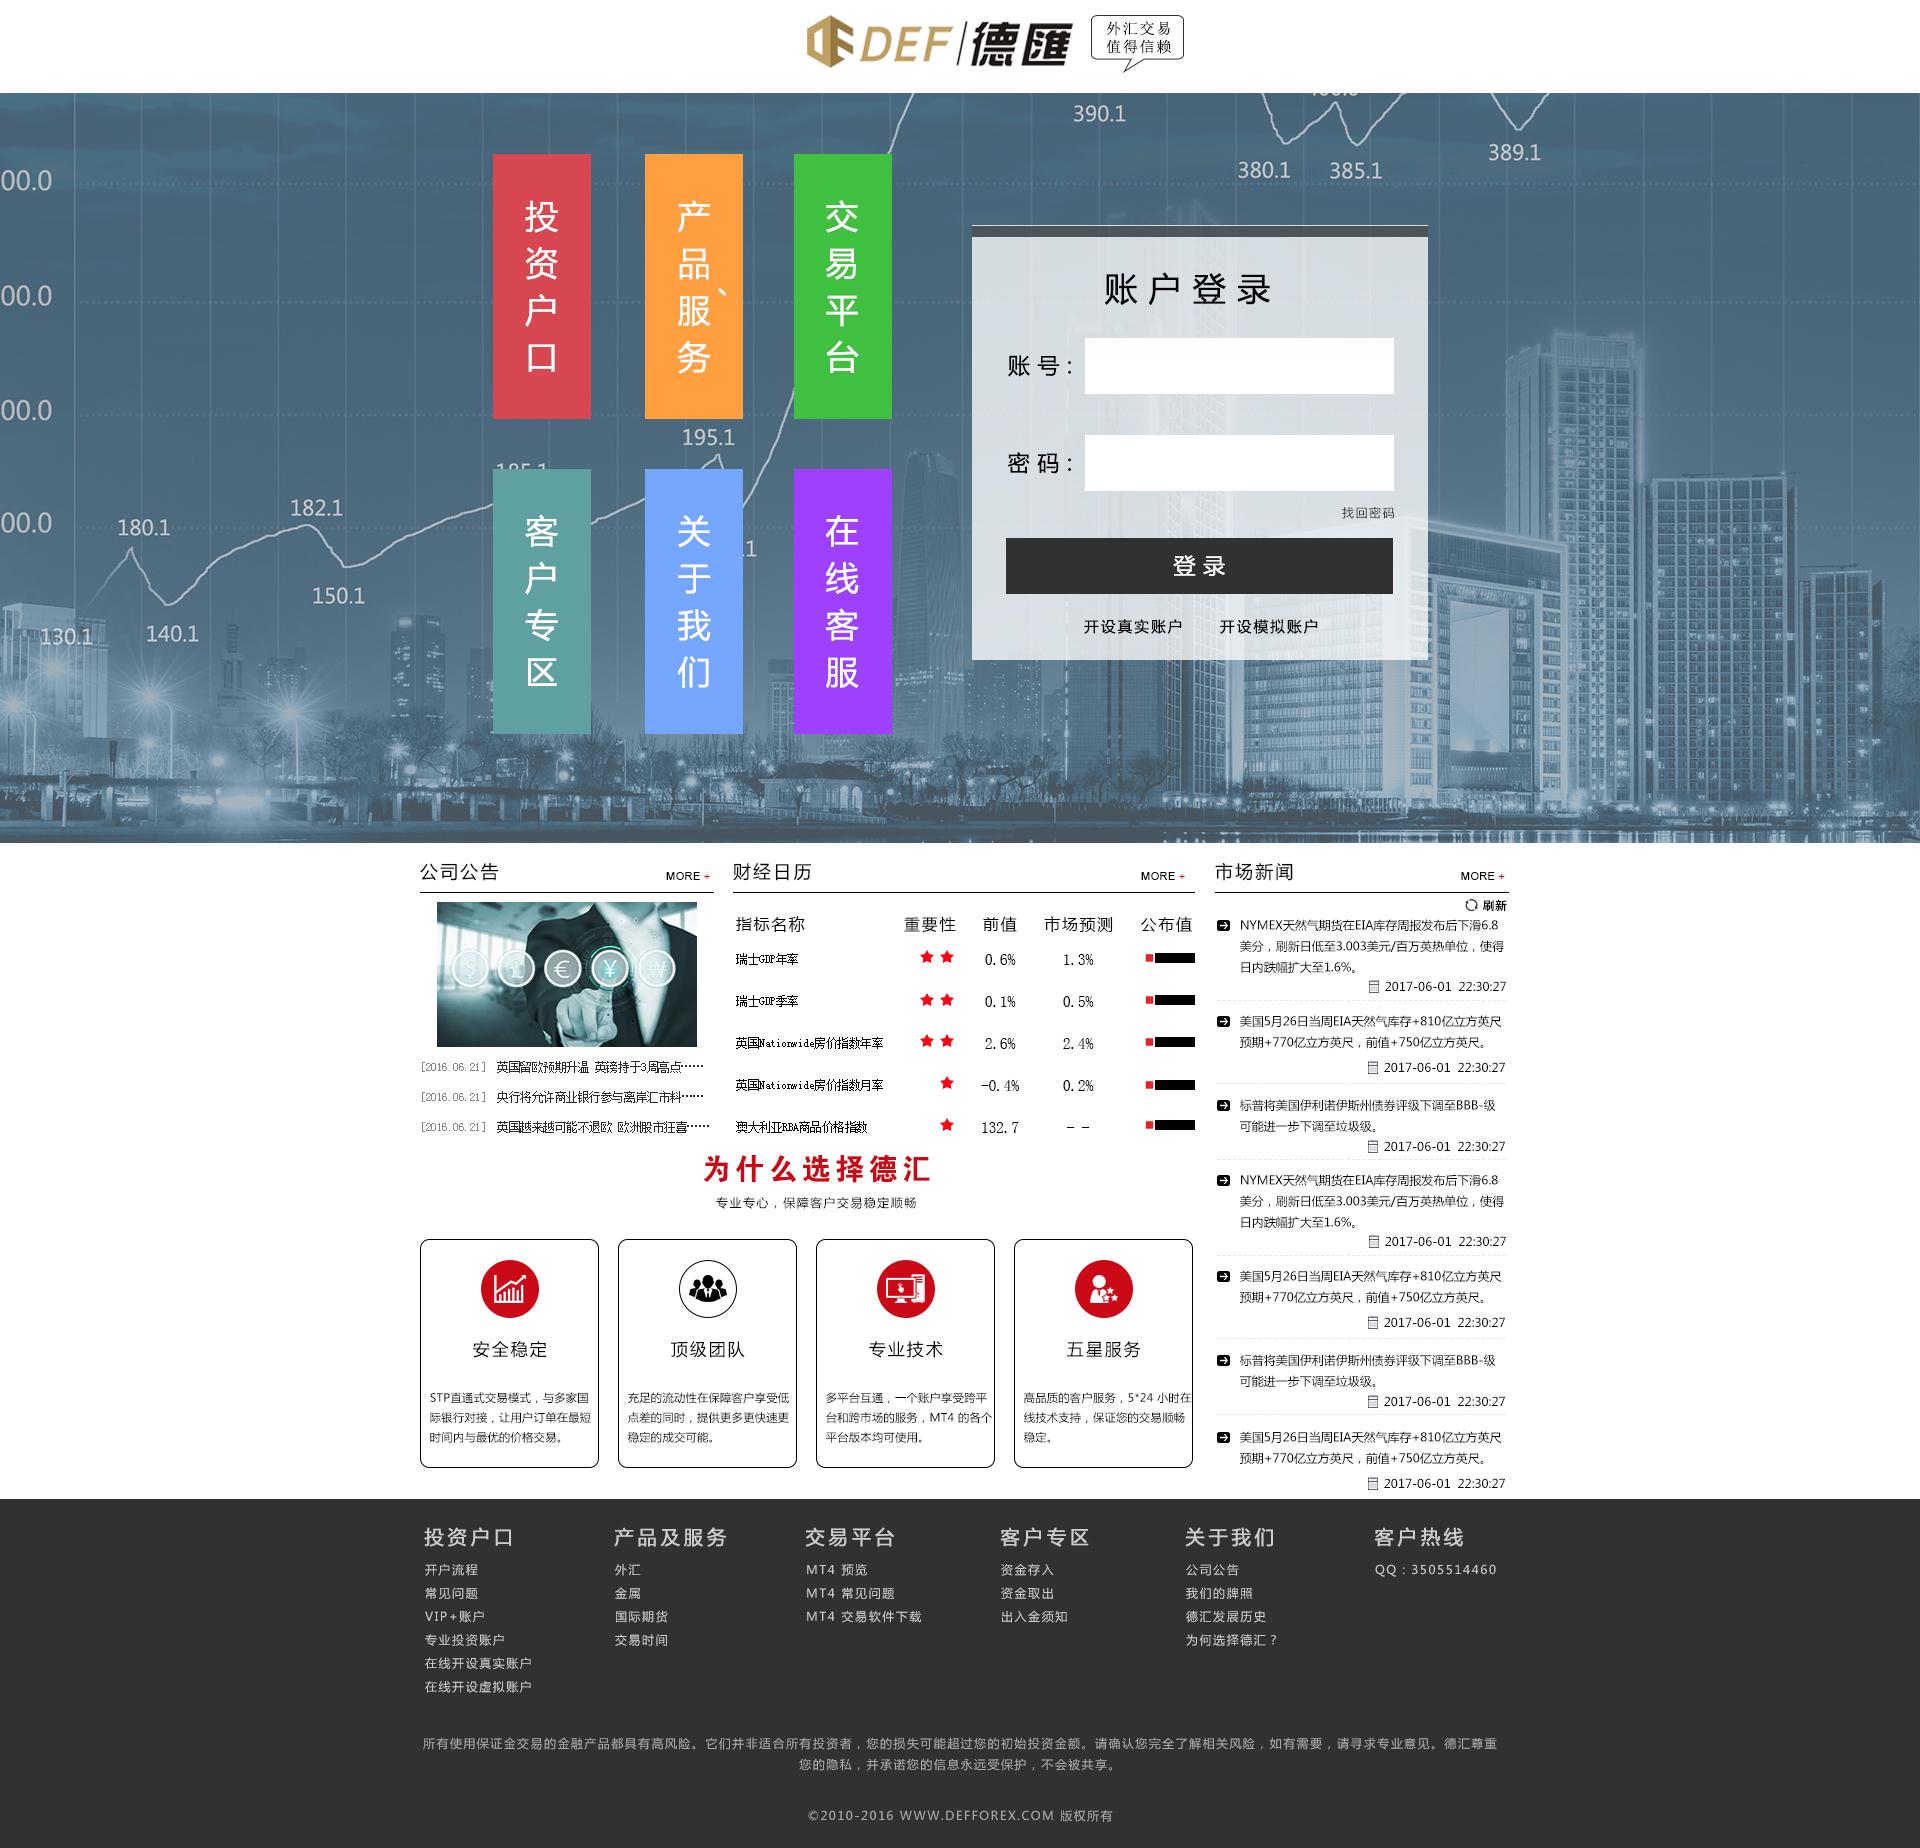 网站.jpg 德汇,全球在线交易系统UI设计(无锡)  第1张